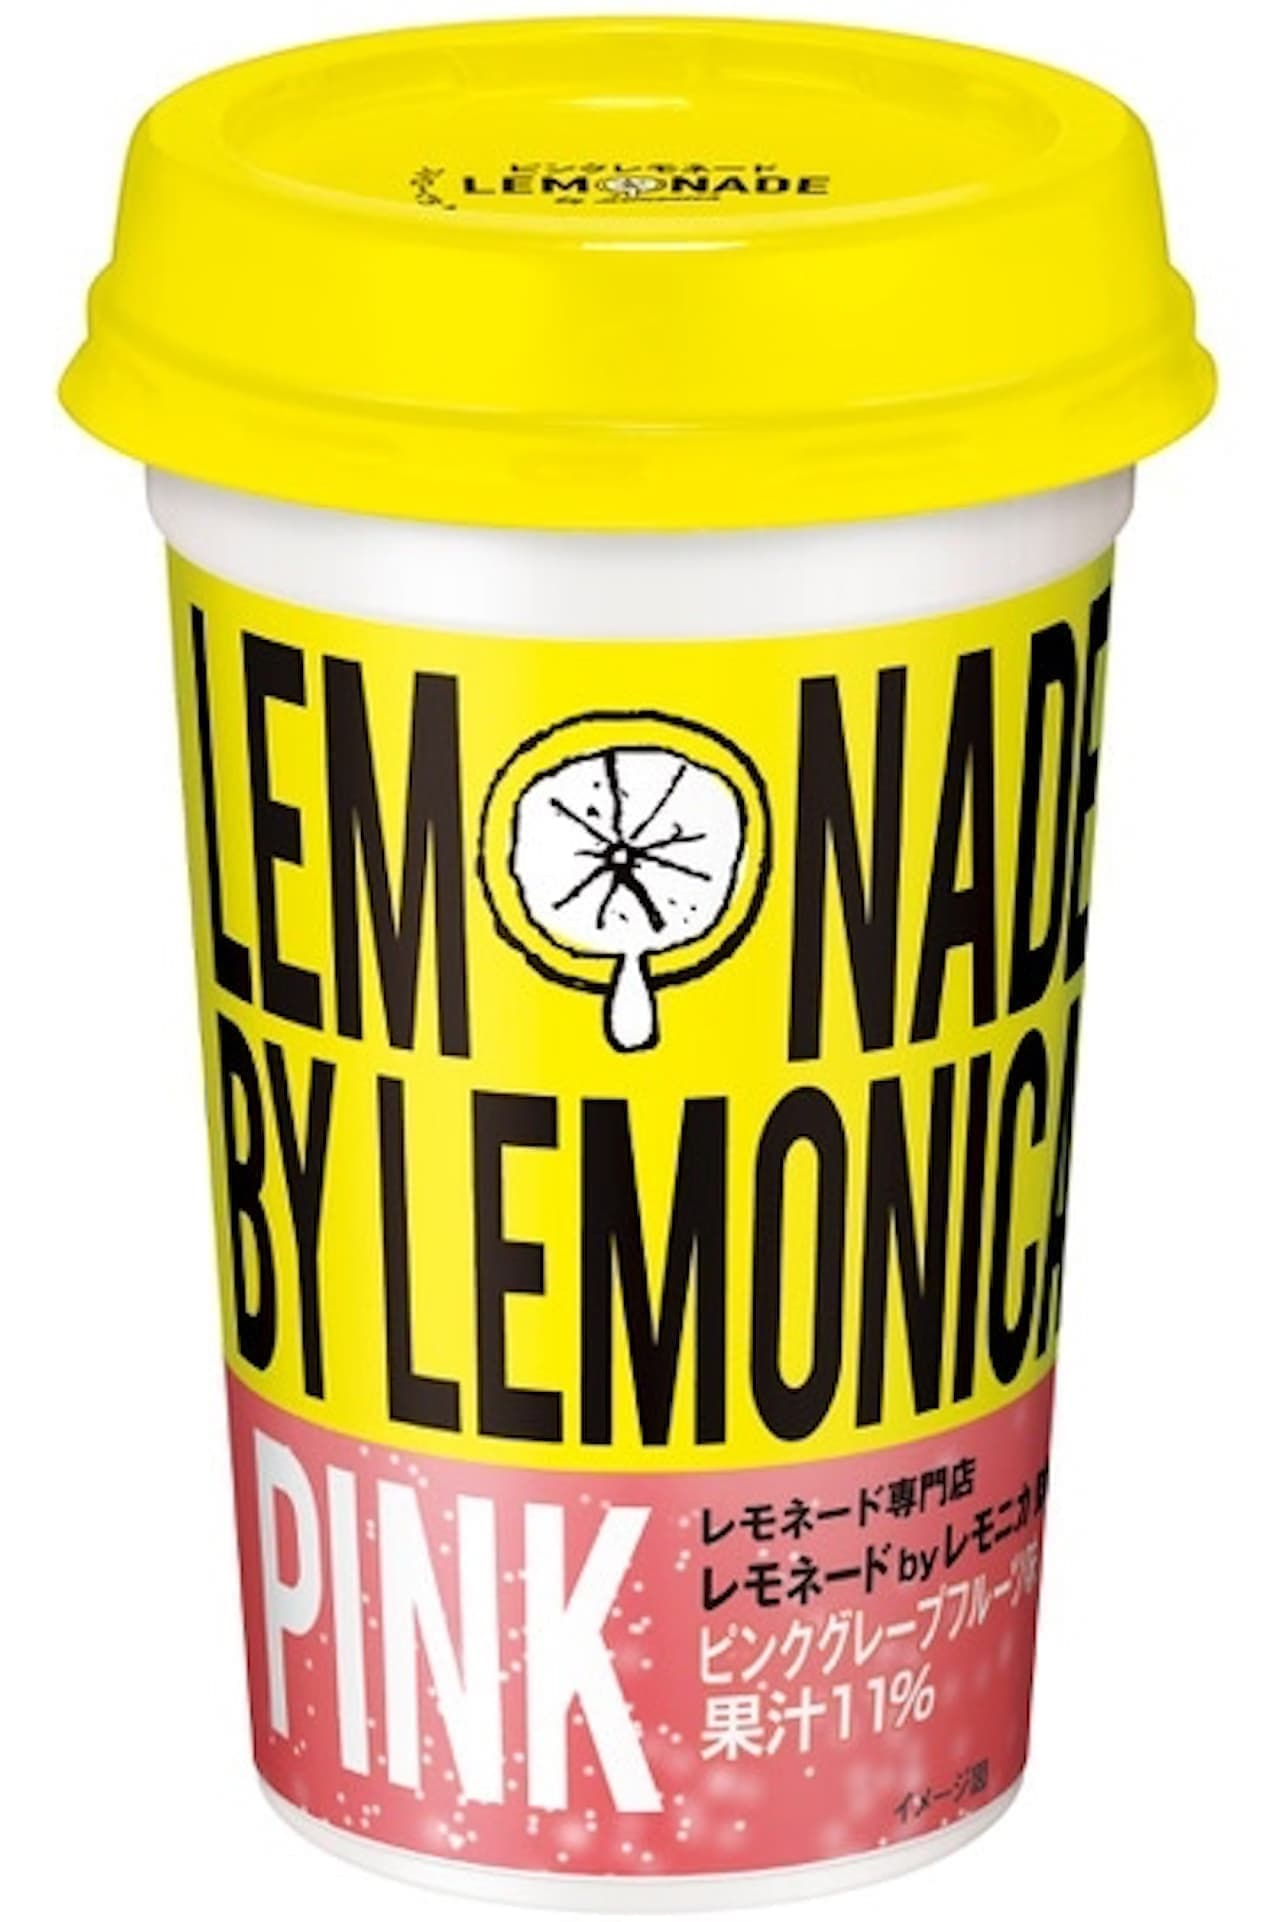 期間限定「ピンクレモネード byレモニカ」